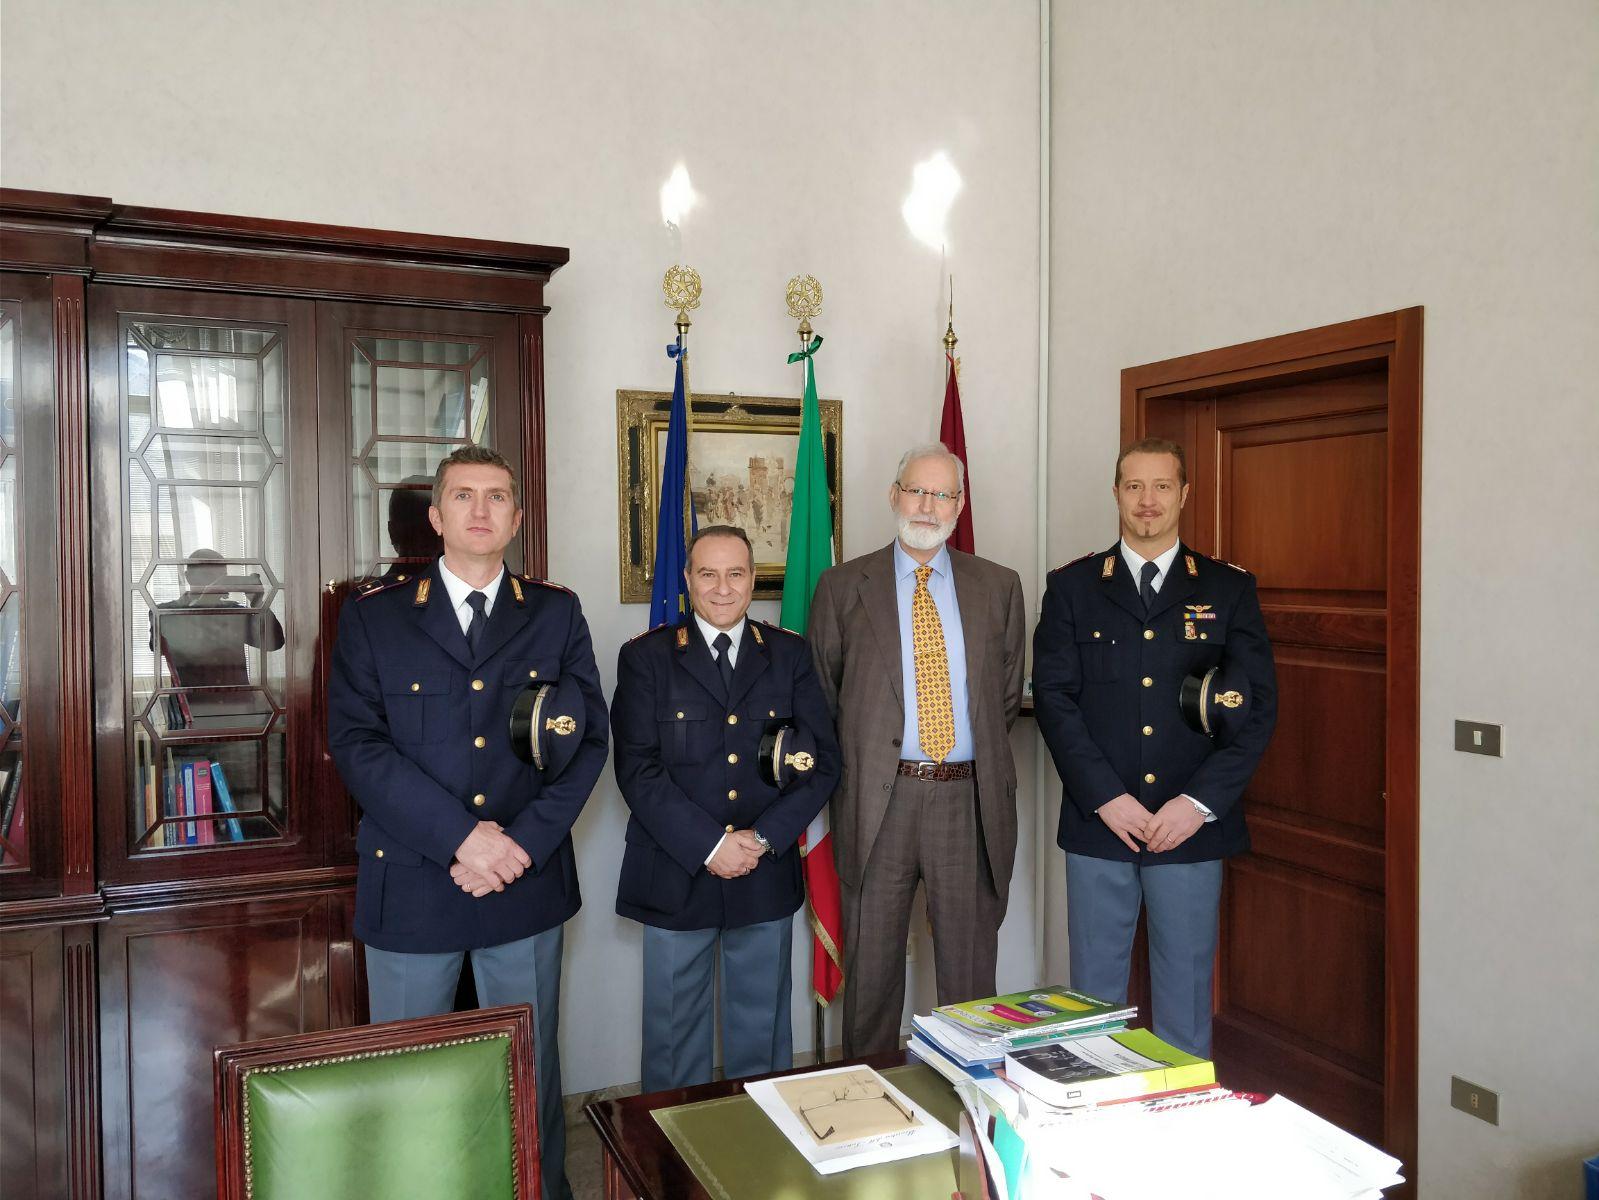 A Parma. Arrivati 3 nuovi Vice Ispettori della Polizia di Stato.